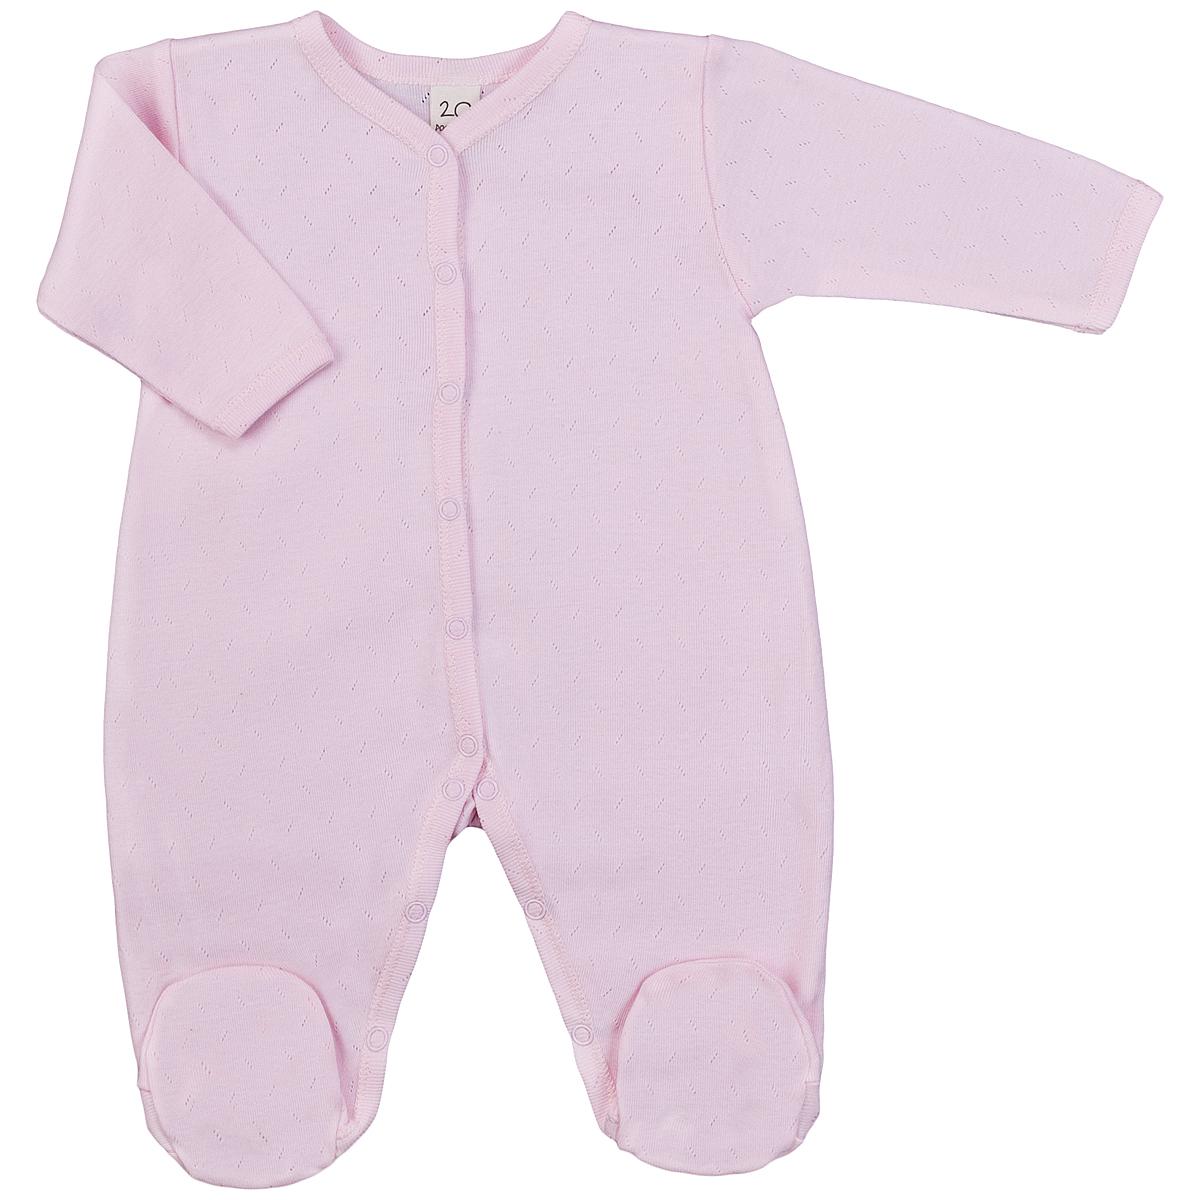 Комбинезон домашний0-12Детский комбинезон Lucky Child - очень удобный и практичный вид одежды для малышей. Комбинезон выполнен из натурального хлопка, благодаря чему он необычайно мягкий и приятный на ощупь, не раздражают нежную кожу ребенка и хорошо вентилируются, а эластичные швы приятны телу малыша и не препятствуют его движениям. Комбинезон с длинными рукавами и закрытыми ножками имеет застежки-кнопки от горловины до щиколоток, которые помогают легко переодеть младенца или сменить подгузник. Модель выполнена из ткани с ажурным узором. С детским комбинезоном Lucky Child спинка и ножки вашего малыша всегда будут в тепле, он идеален для использования днем и незаменим ночью. Комбинезон полностью соответствует особенностям жизни младенца в ранний период, не стесняя и не ограничивая его в движениях!